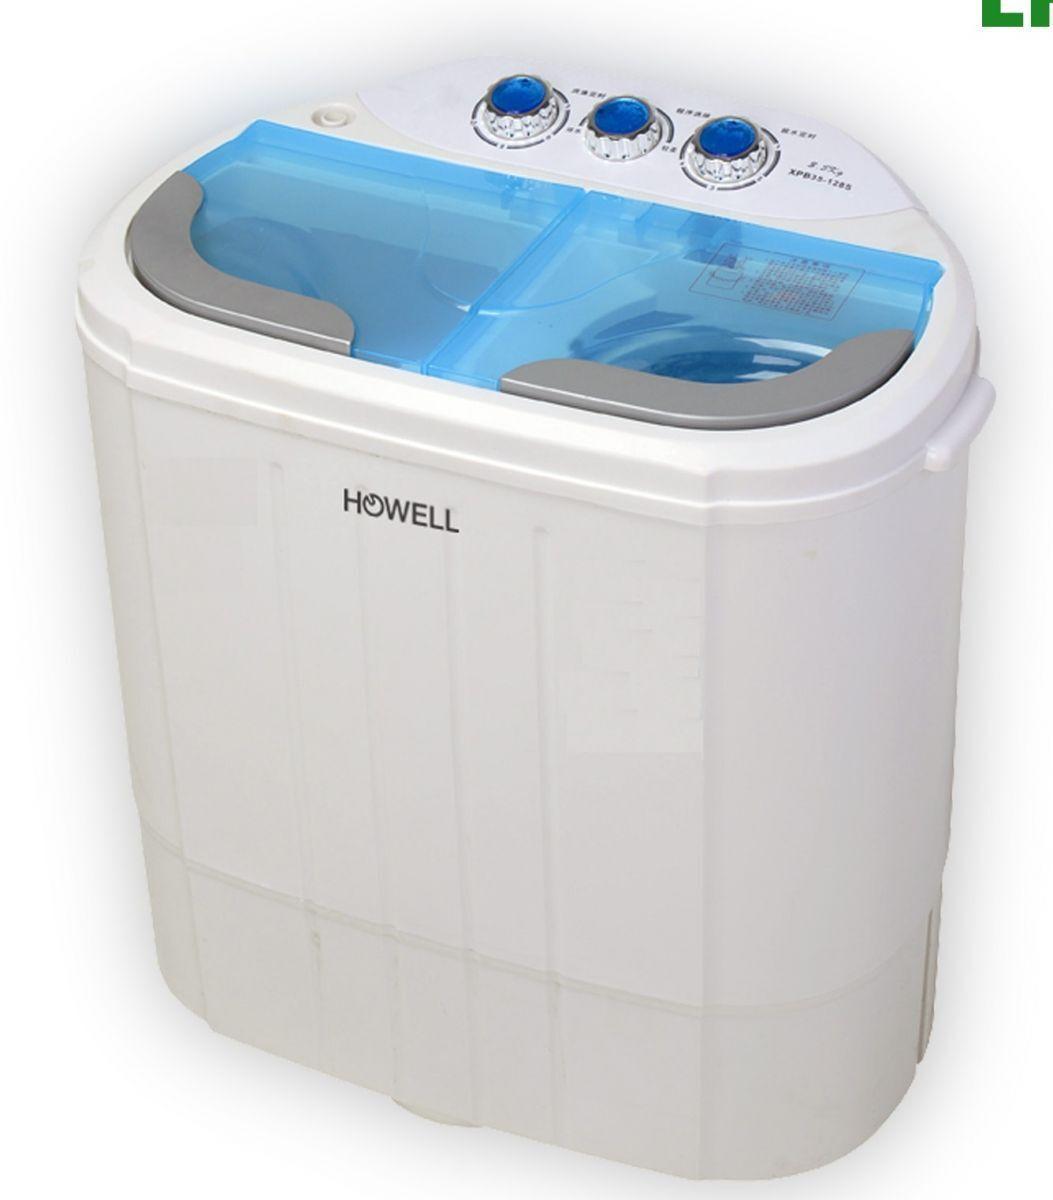 Mini lavatrice 3,5 kg con centrifuga camper barca Howell lp 436 - Rotex